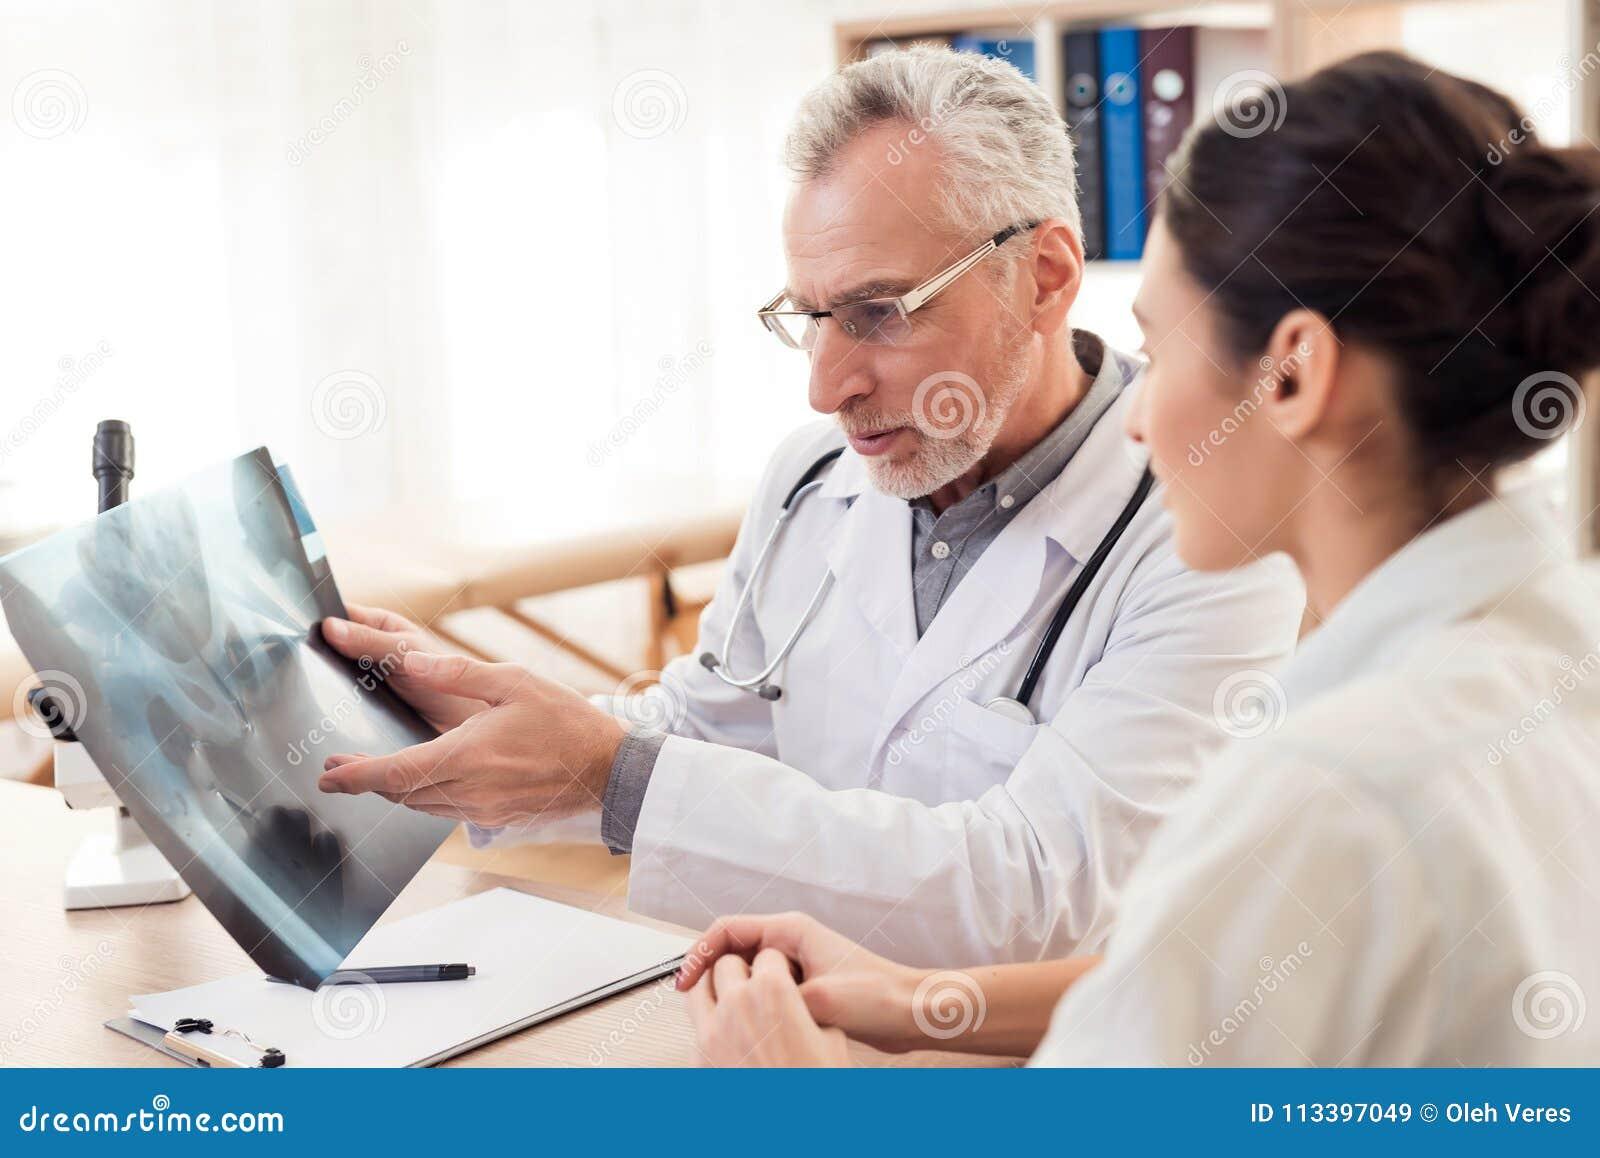 Docteur avec le stéthoscope et le patient féminin dans le bureau Le docteur montre le rayon X